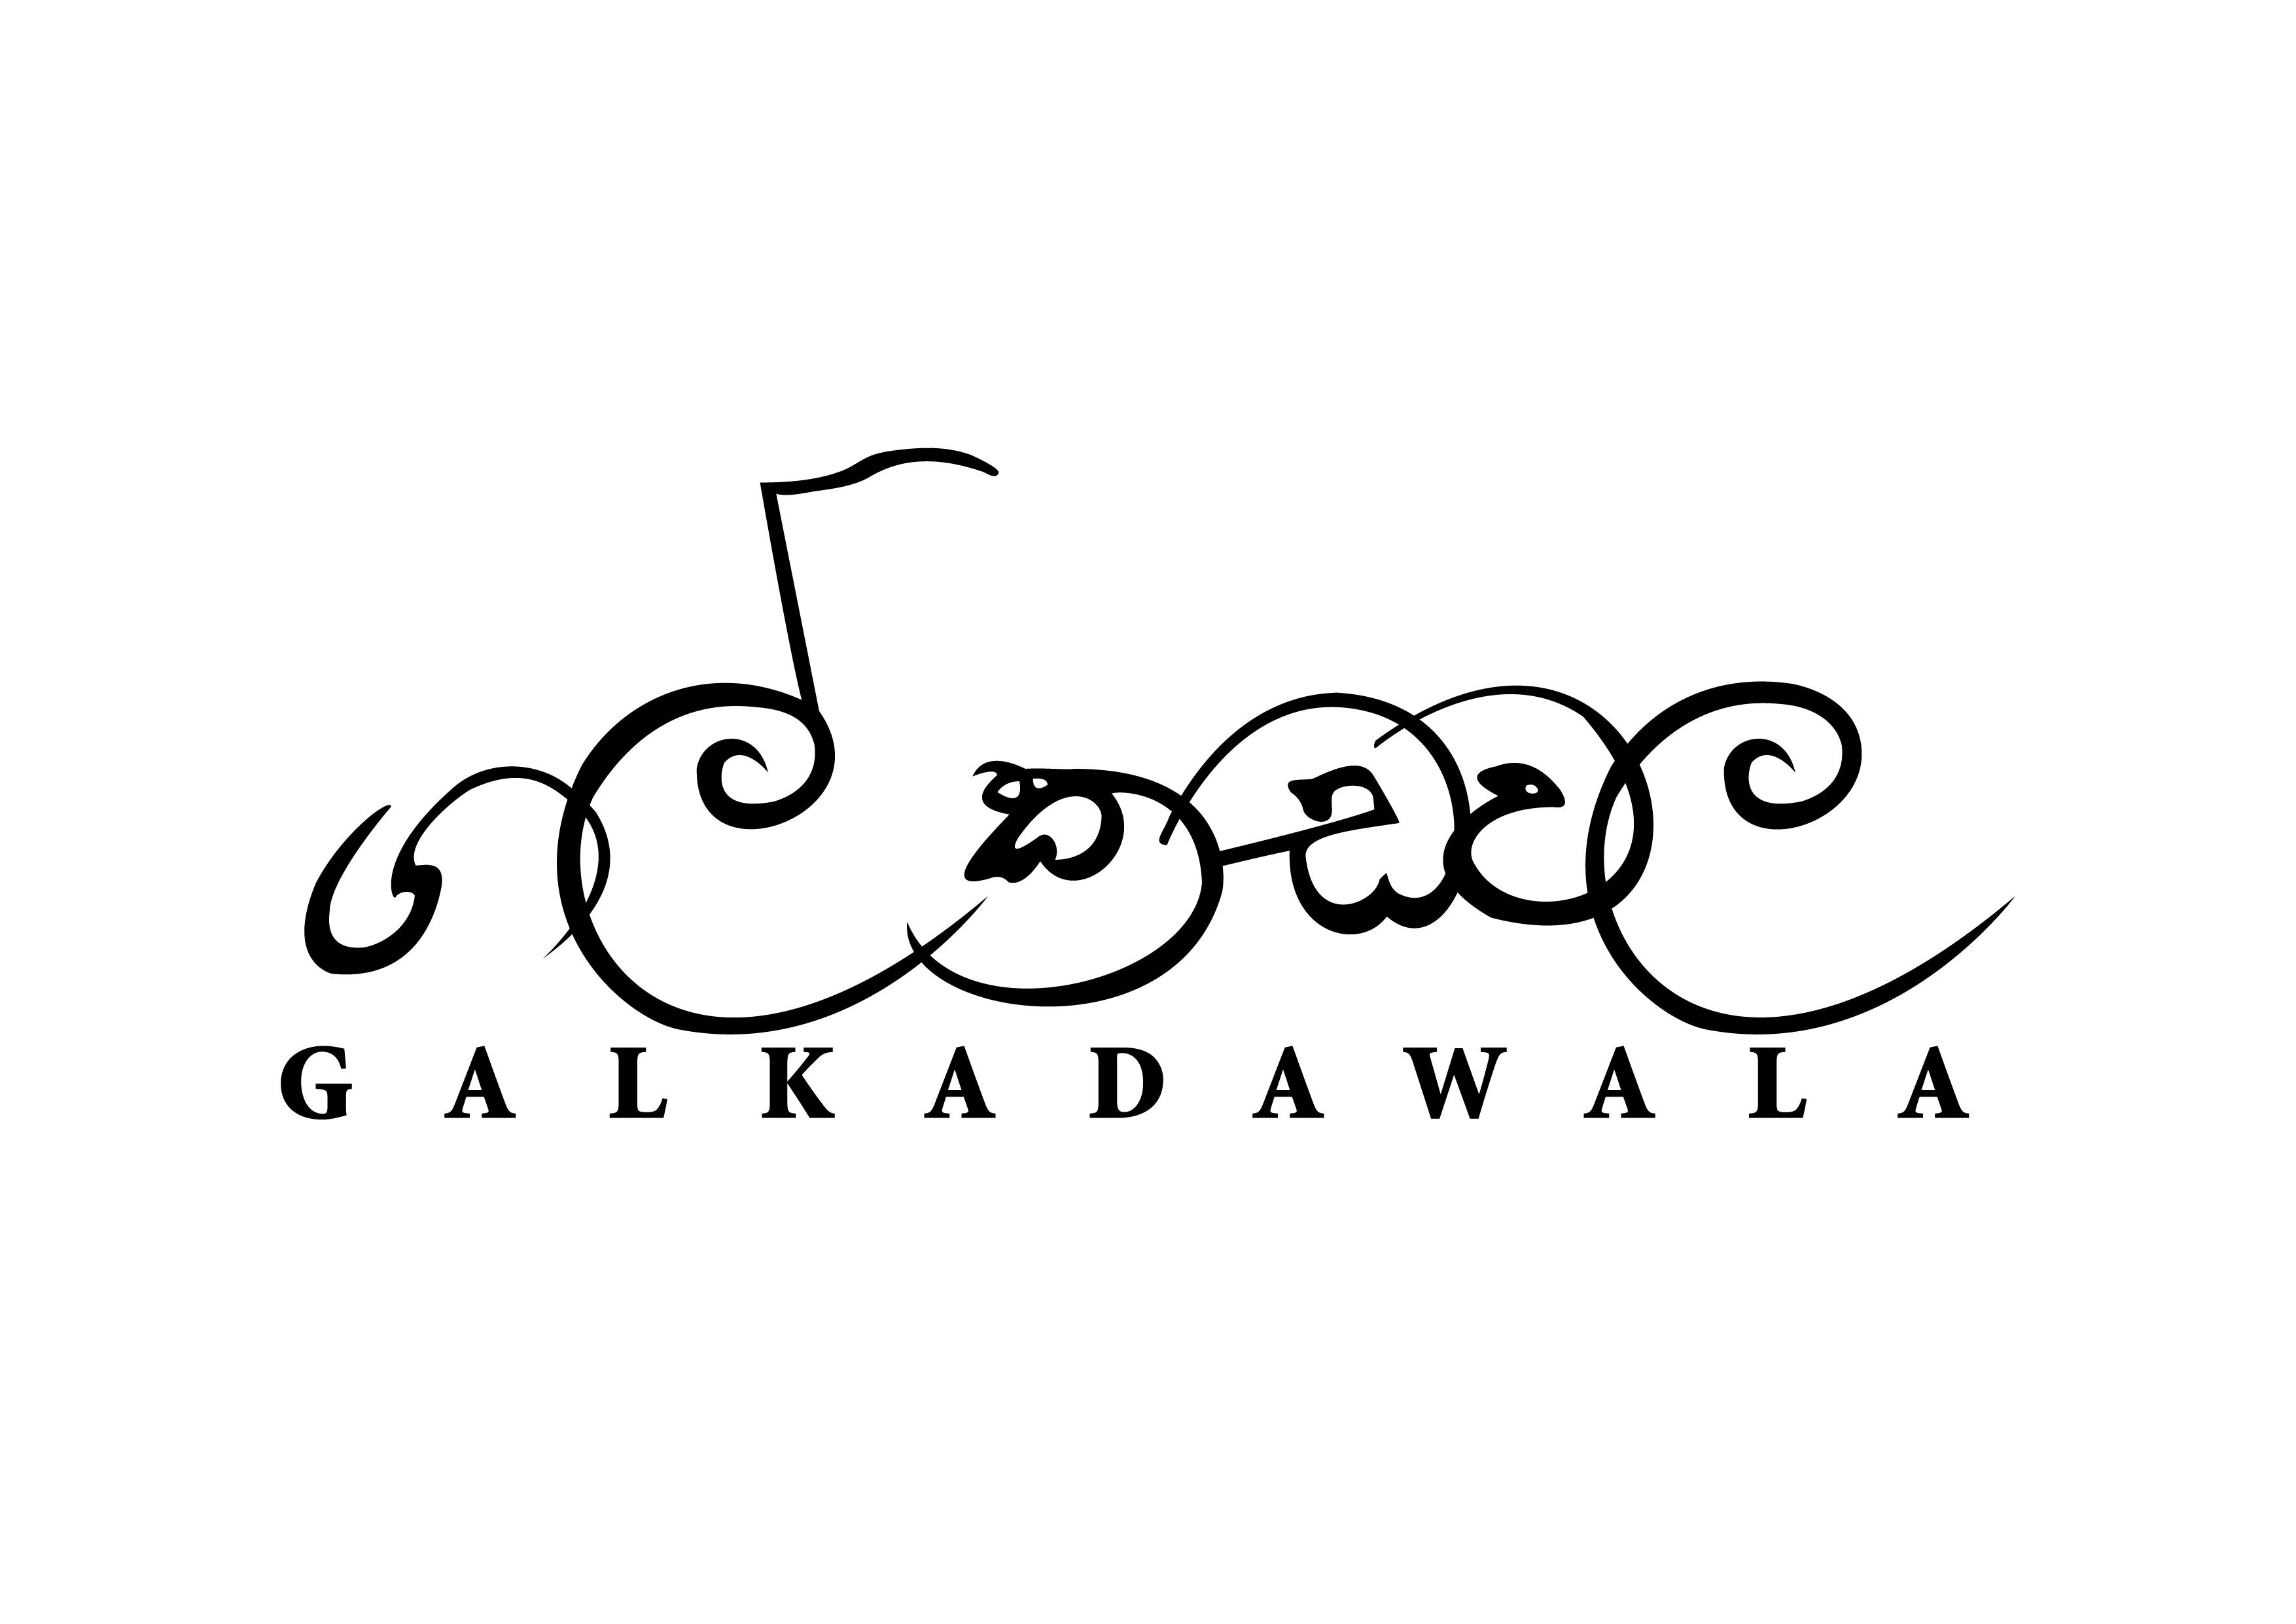 Galkadawala